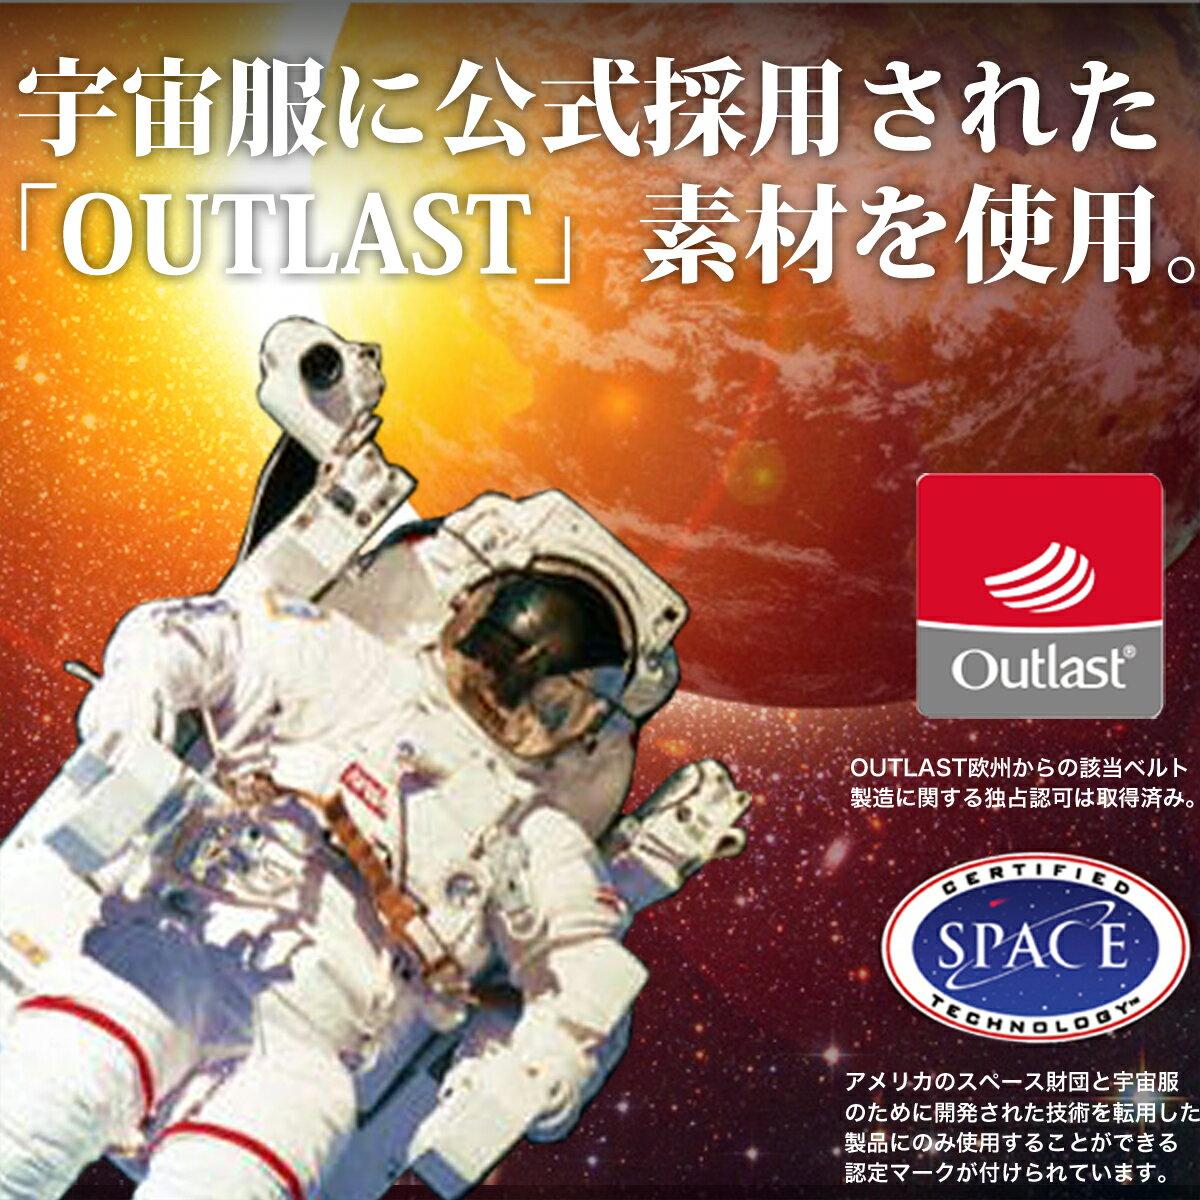 宇宙服に公式採用された「OUTLAST素材を使用。」 width=